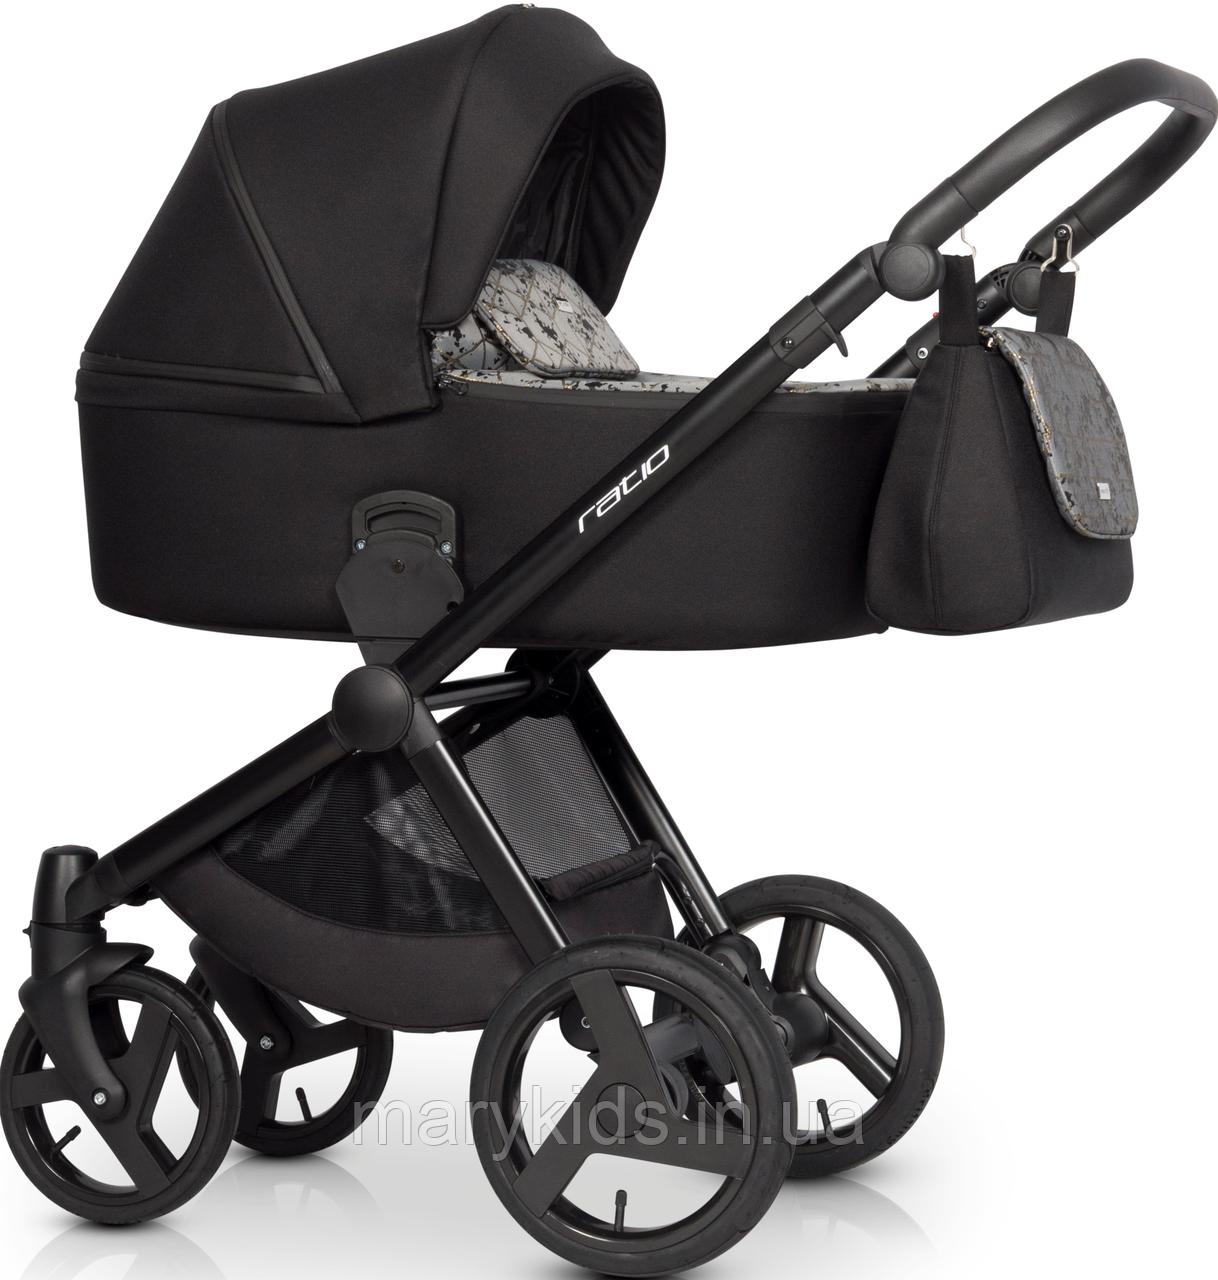 Детская универсальная коляска 2 в 1 Expander Ratio 01